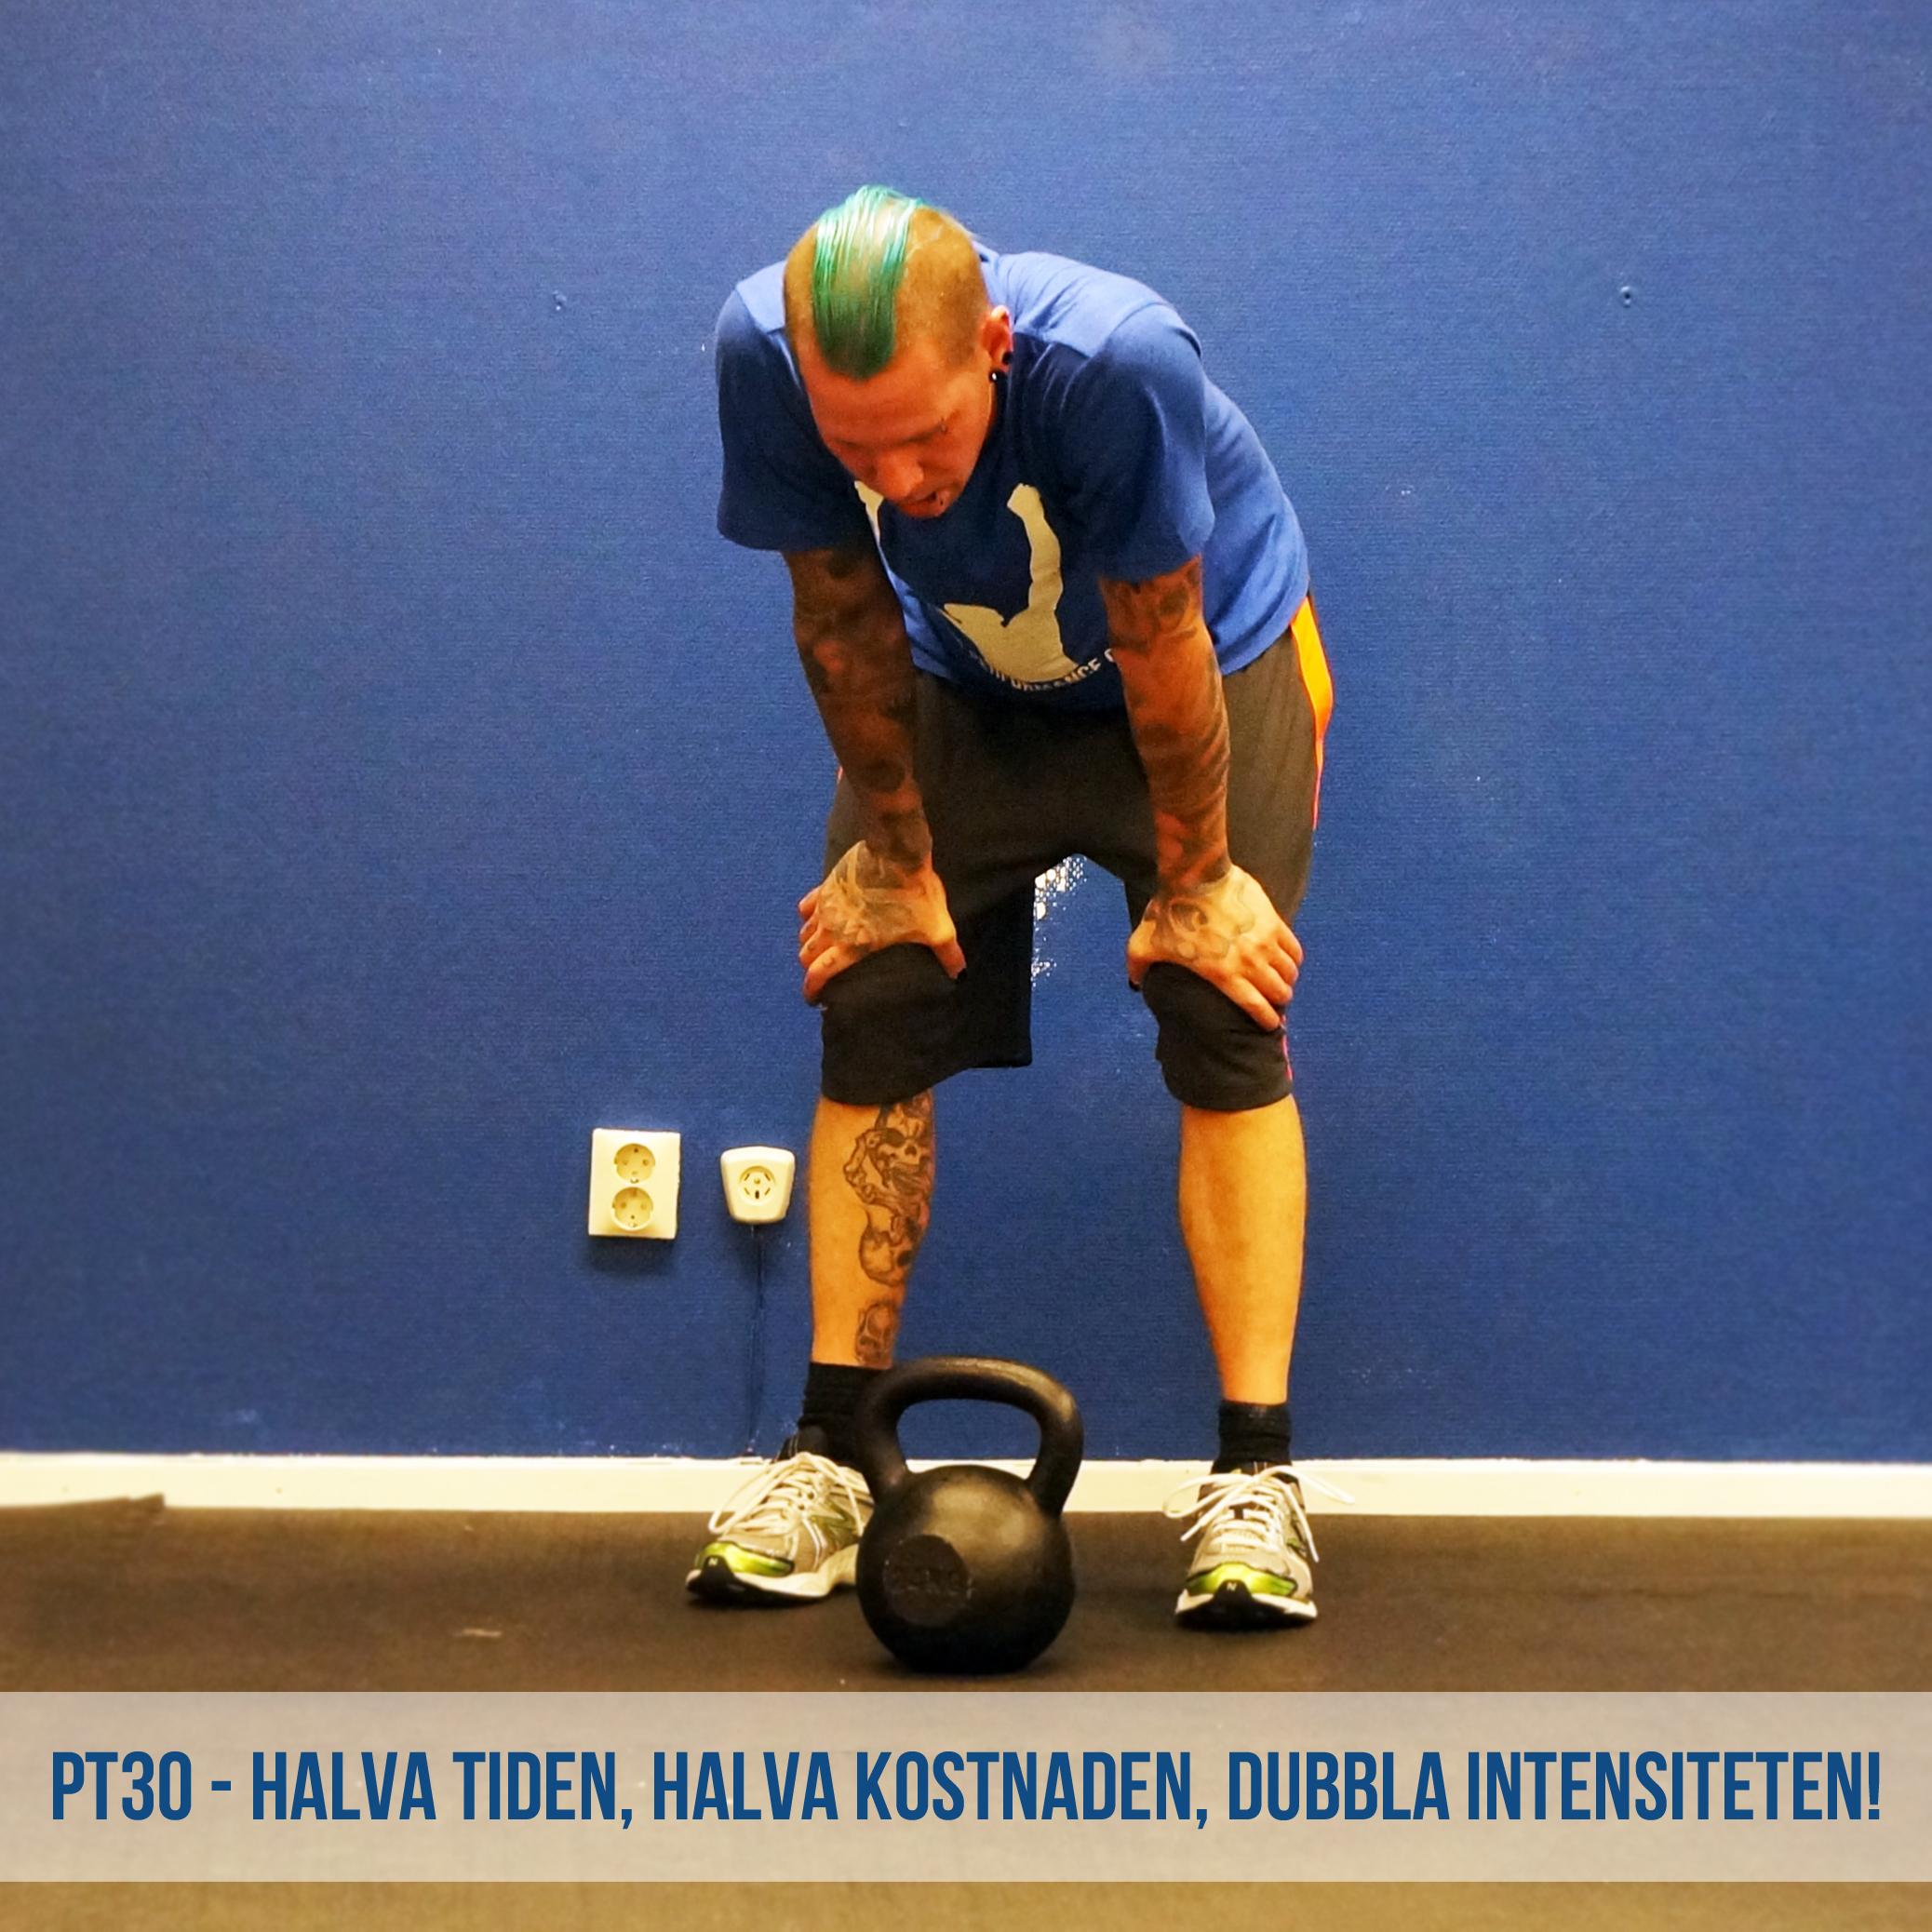 pt personlig träning PT30 västerås gym västmanland träna hälsa personlig tränare löpning löpträning frösåker